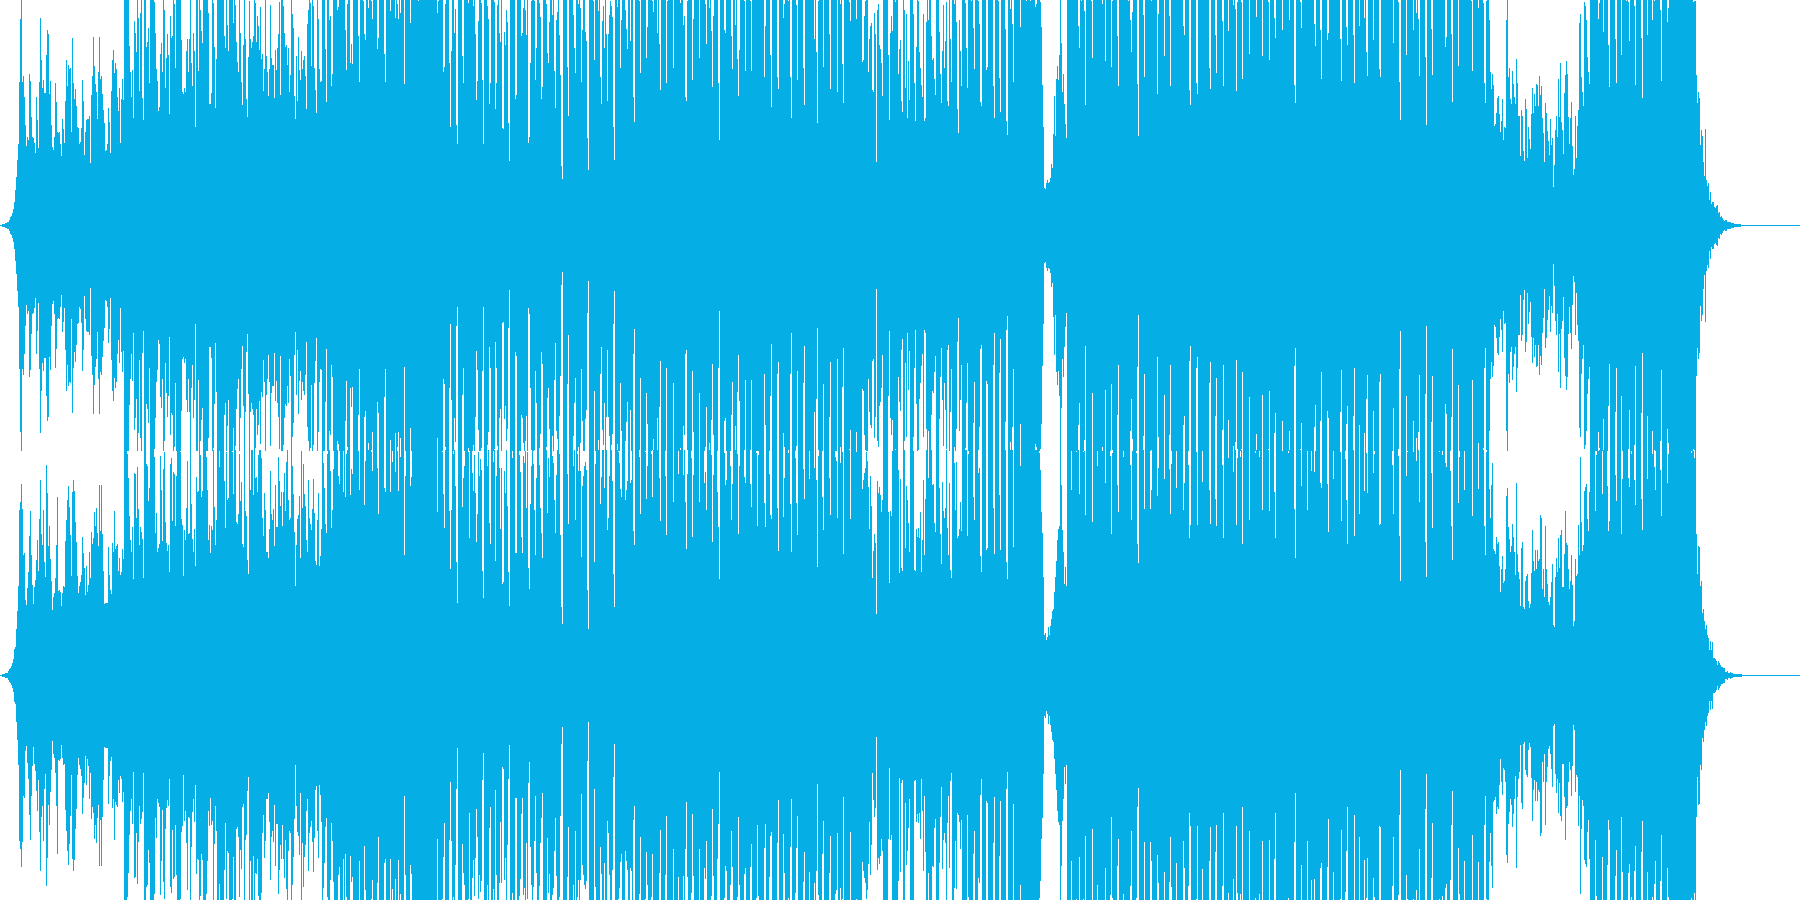 キラキラKpop系のトラック/四つ打ちの再生済みの波形